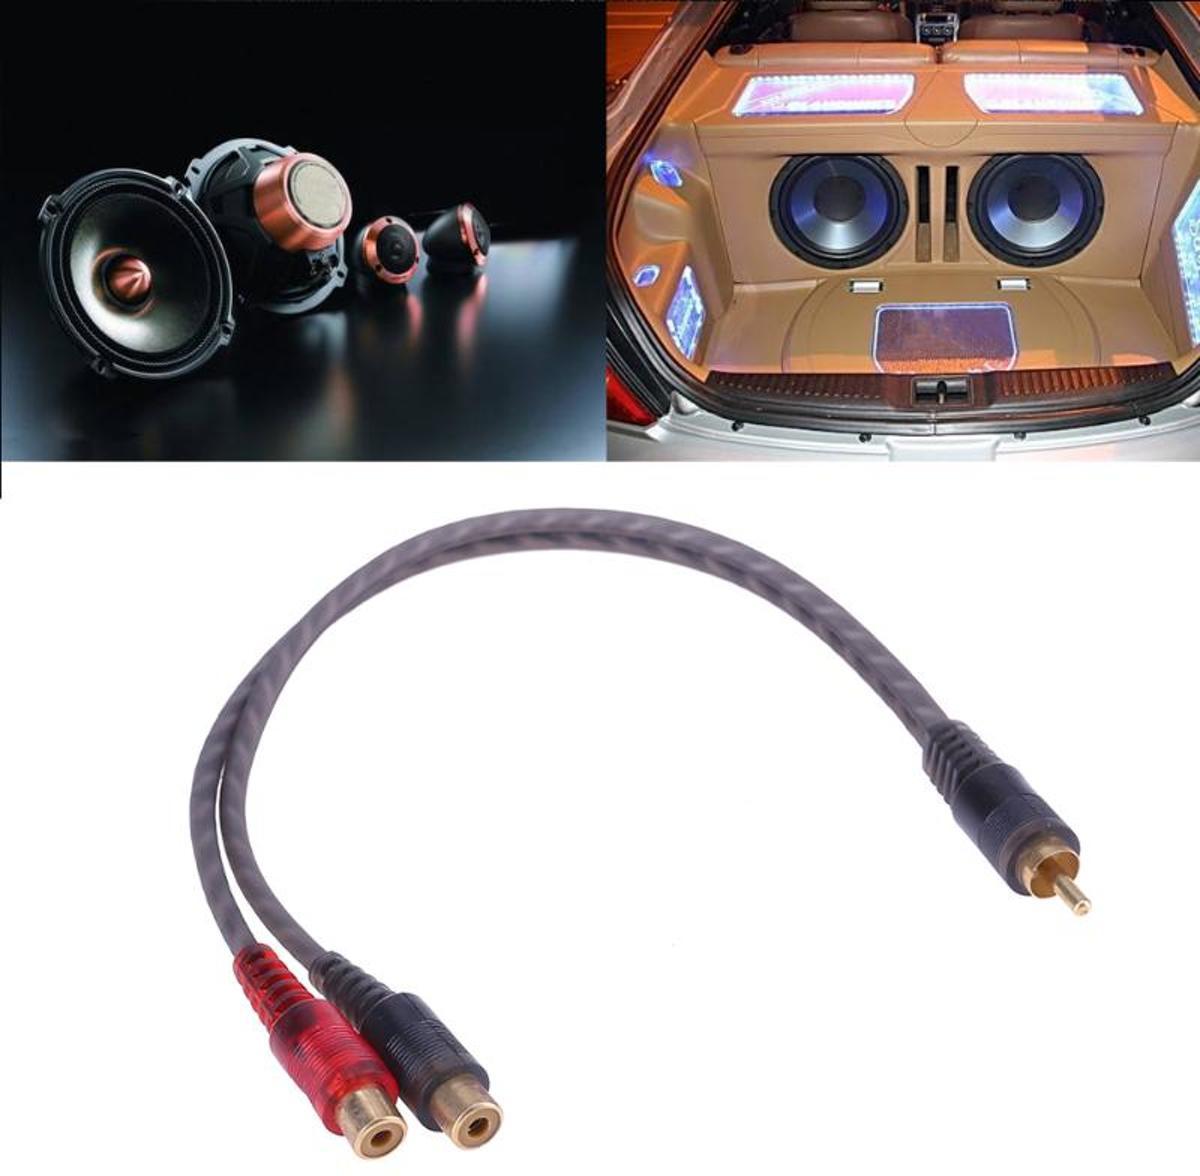 1 st 30 cm 2 RCA Mannelijk naar 1 RCA Vrouwelijke OFC Splitter kabel voor Auto Audio Systeem voor subwoofer Dvd-speler mp3-speler kopen